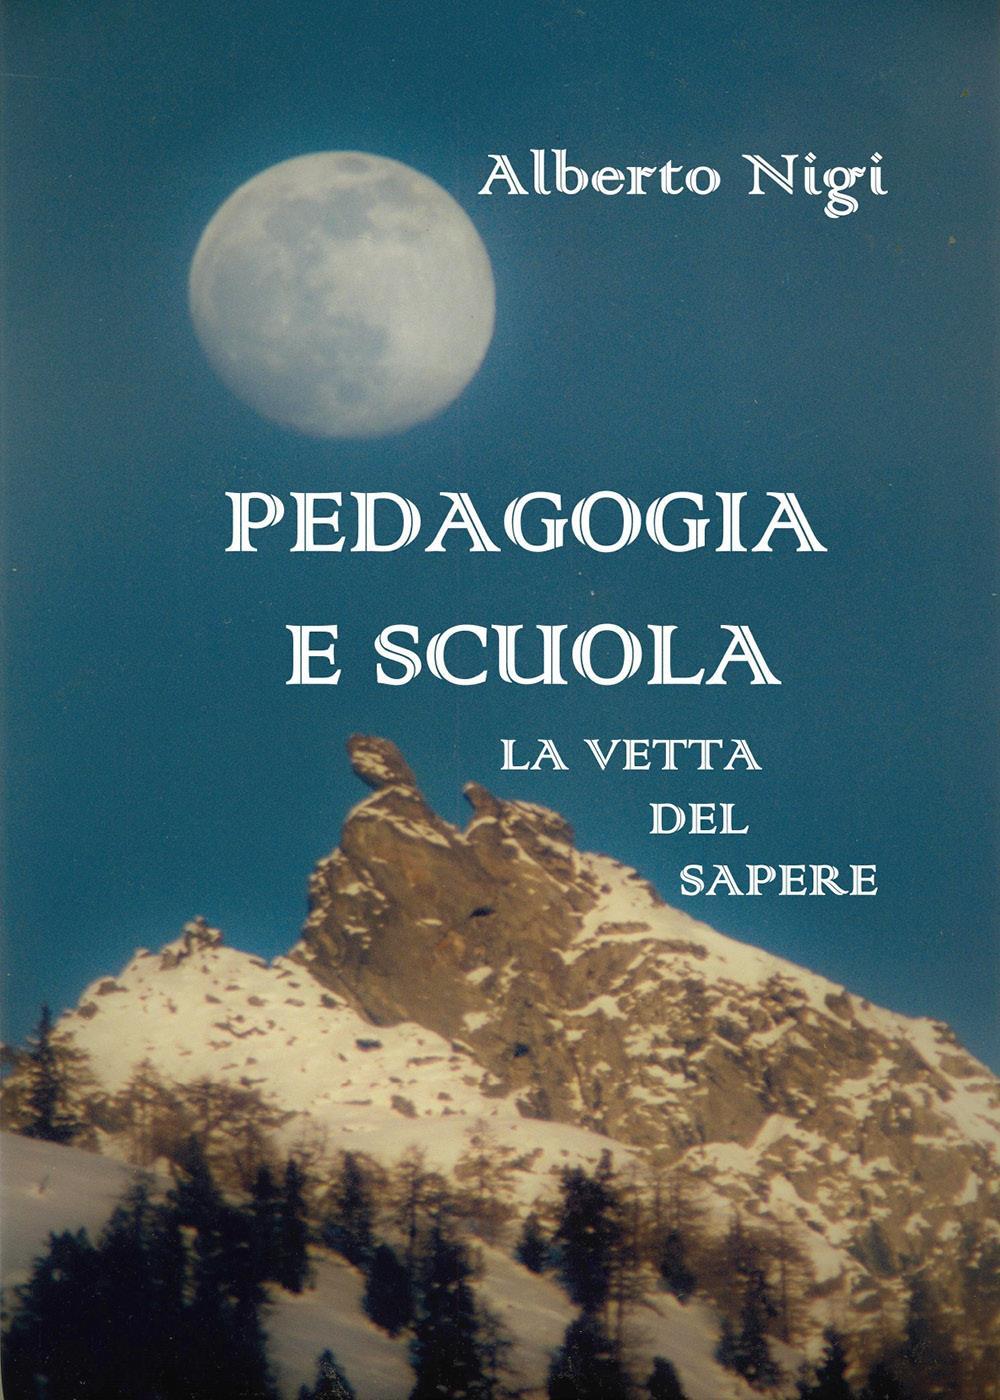 PEDAGOGIA E SCUOLA - La vetta del sapere